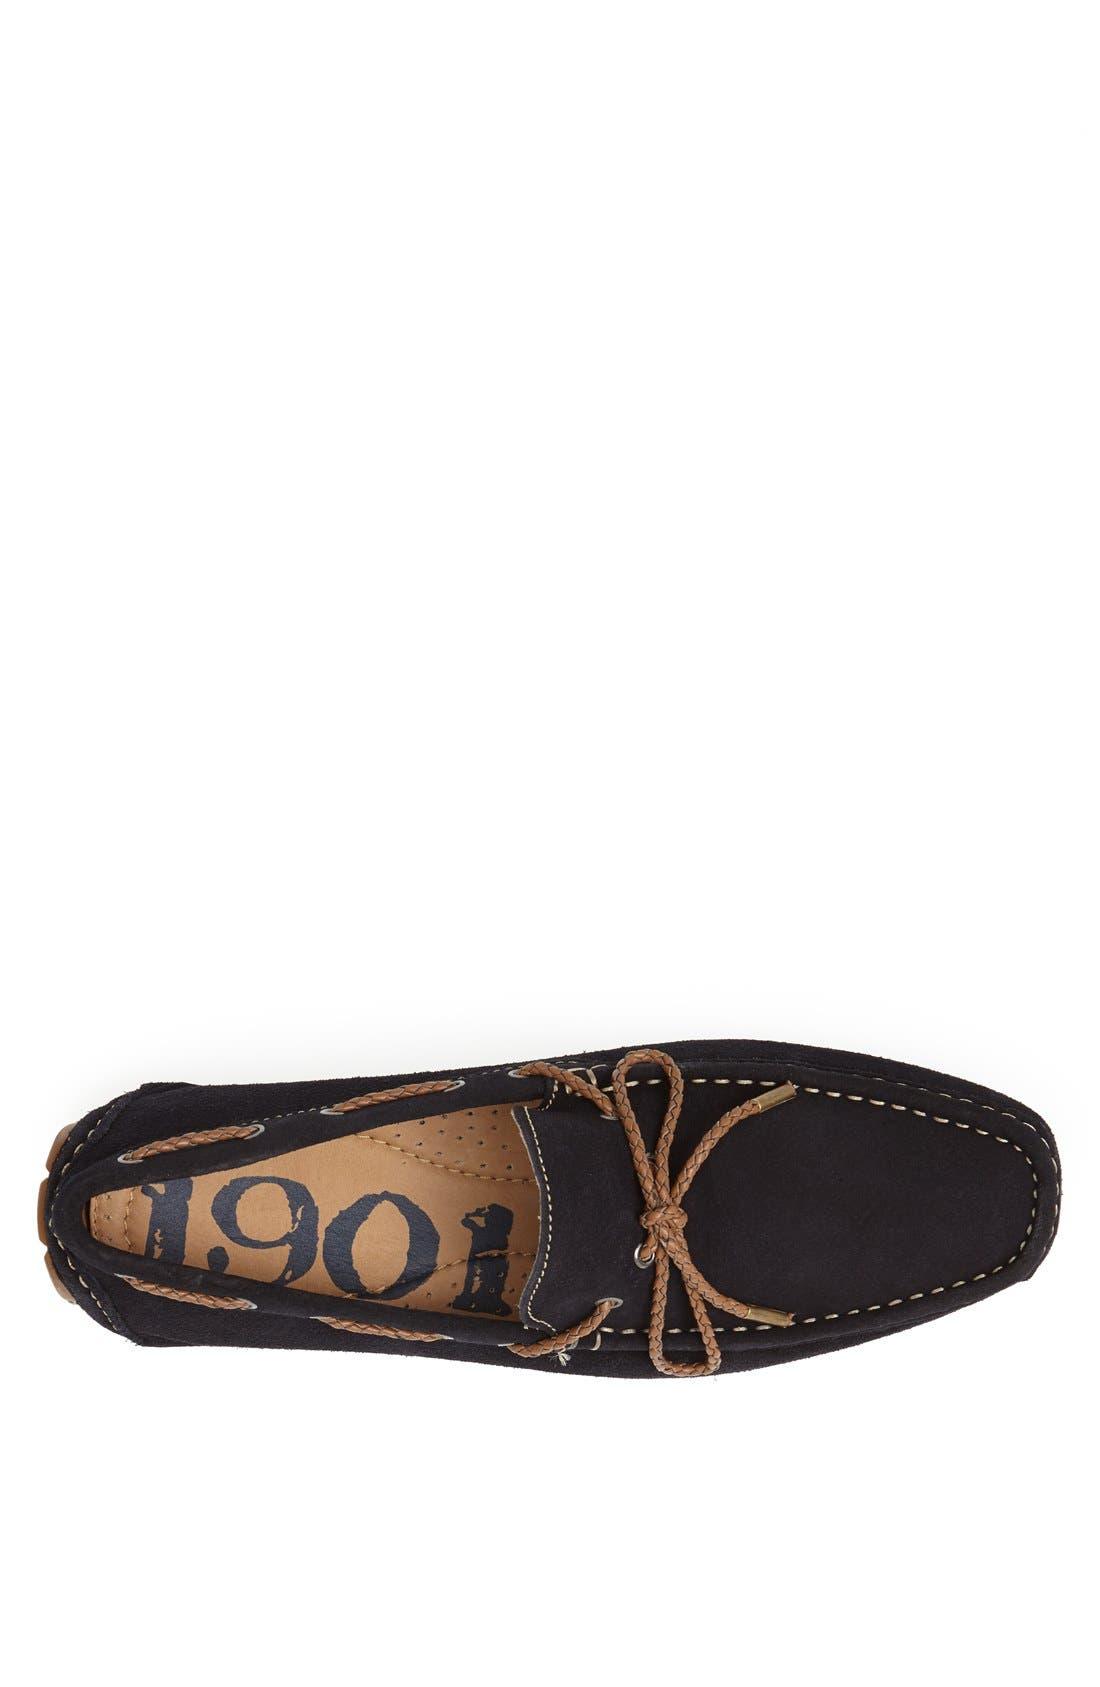 Alternate Image 3  - 1901 'Braden' Driving Shoe (Men)